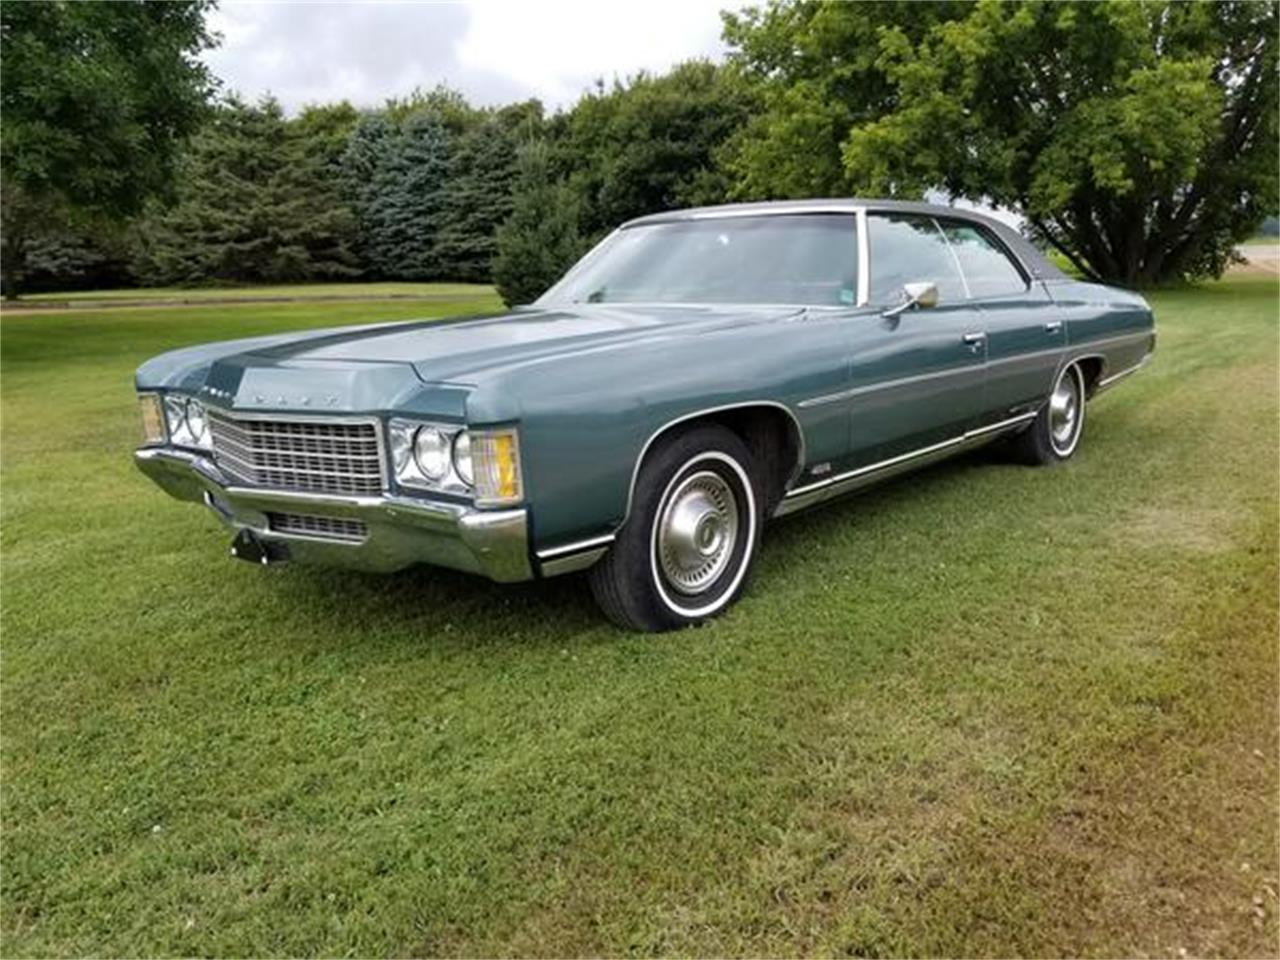 1971 Chevrolet Impala For Sale Classiccars Com Cc 1129424